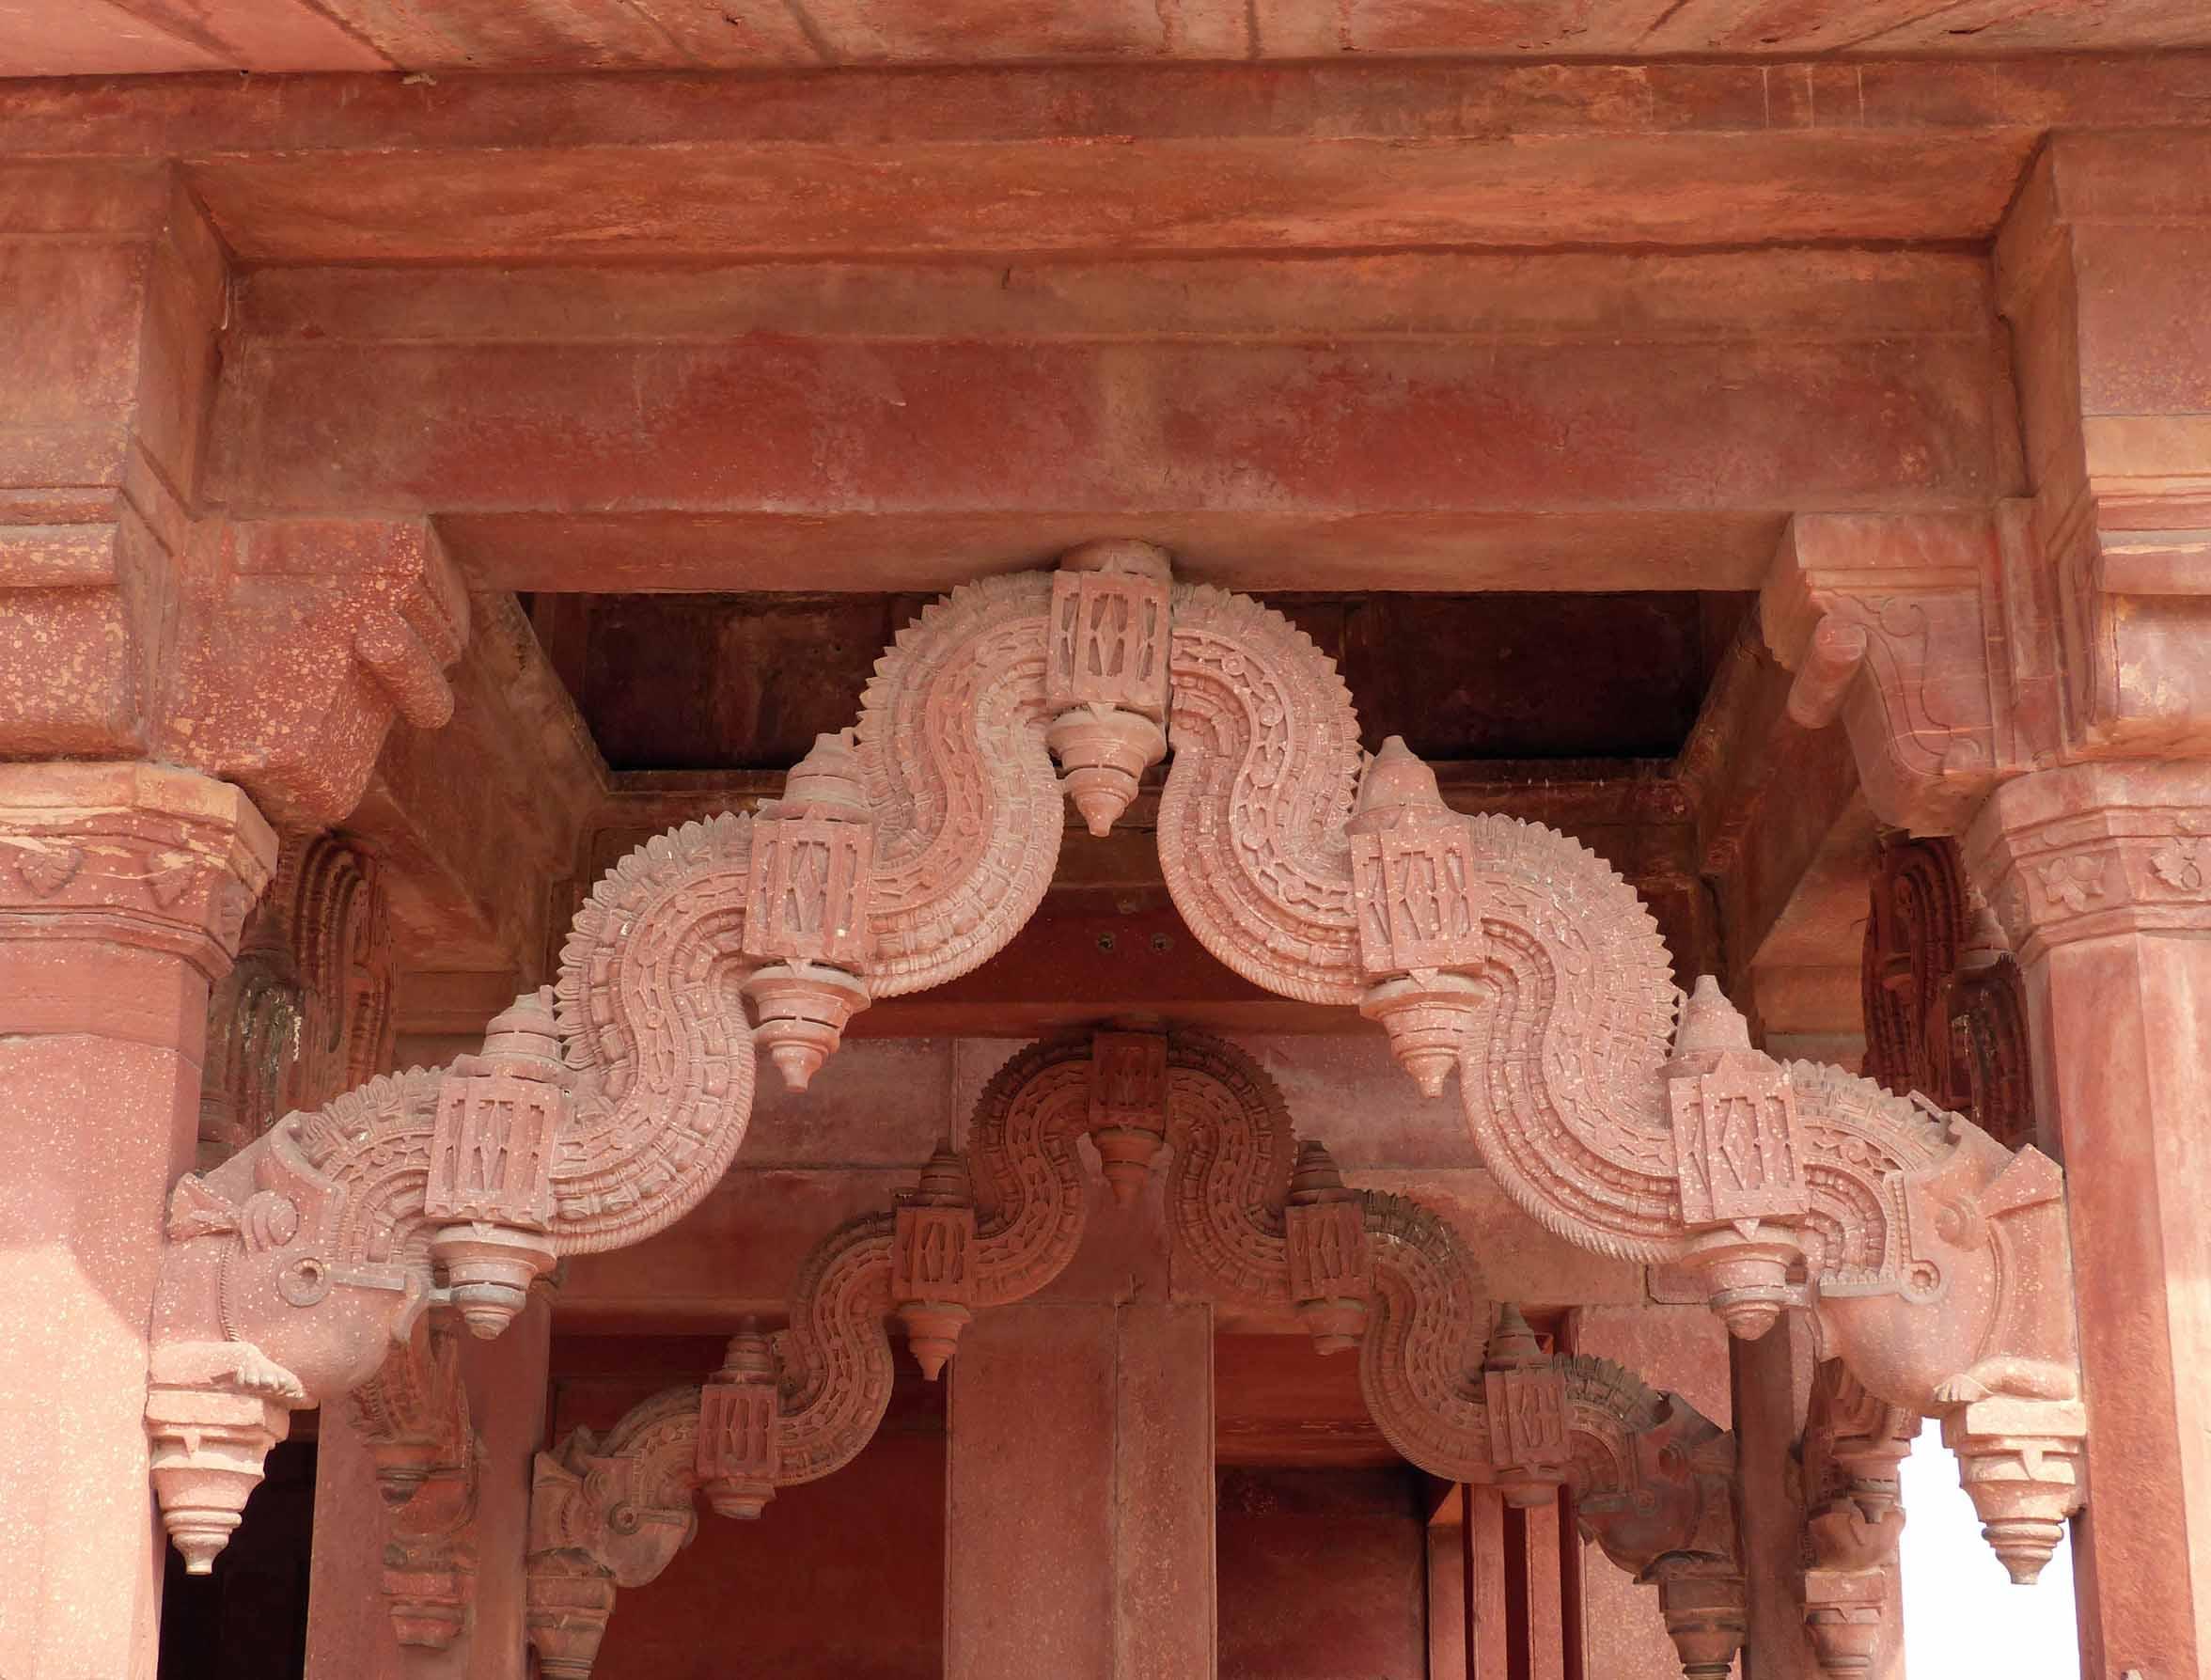 Carved detail of red sandstone building